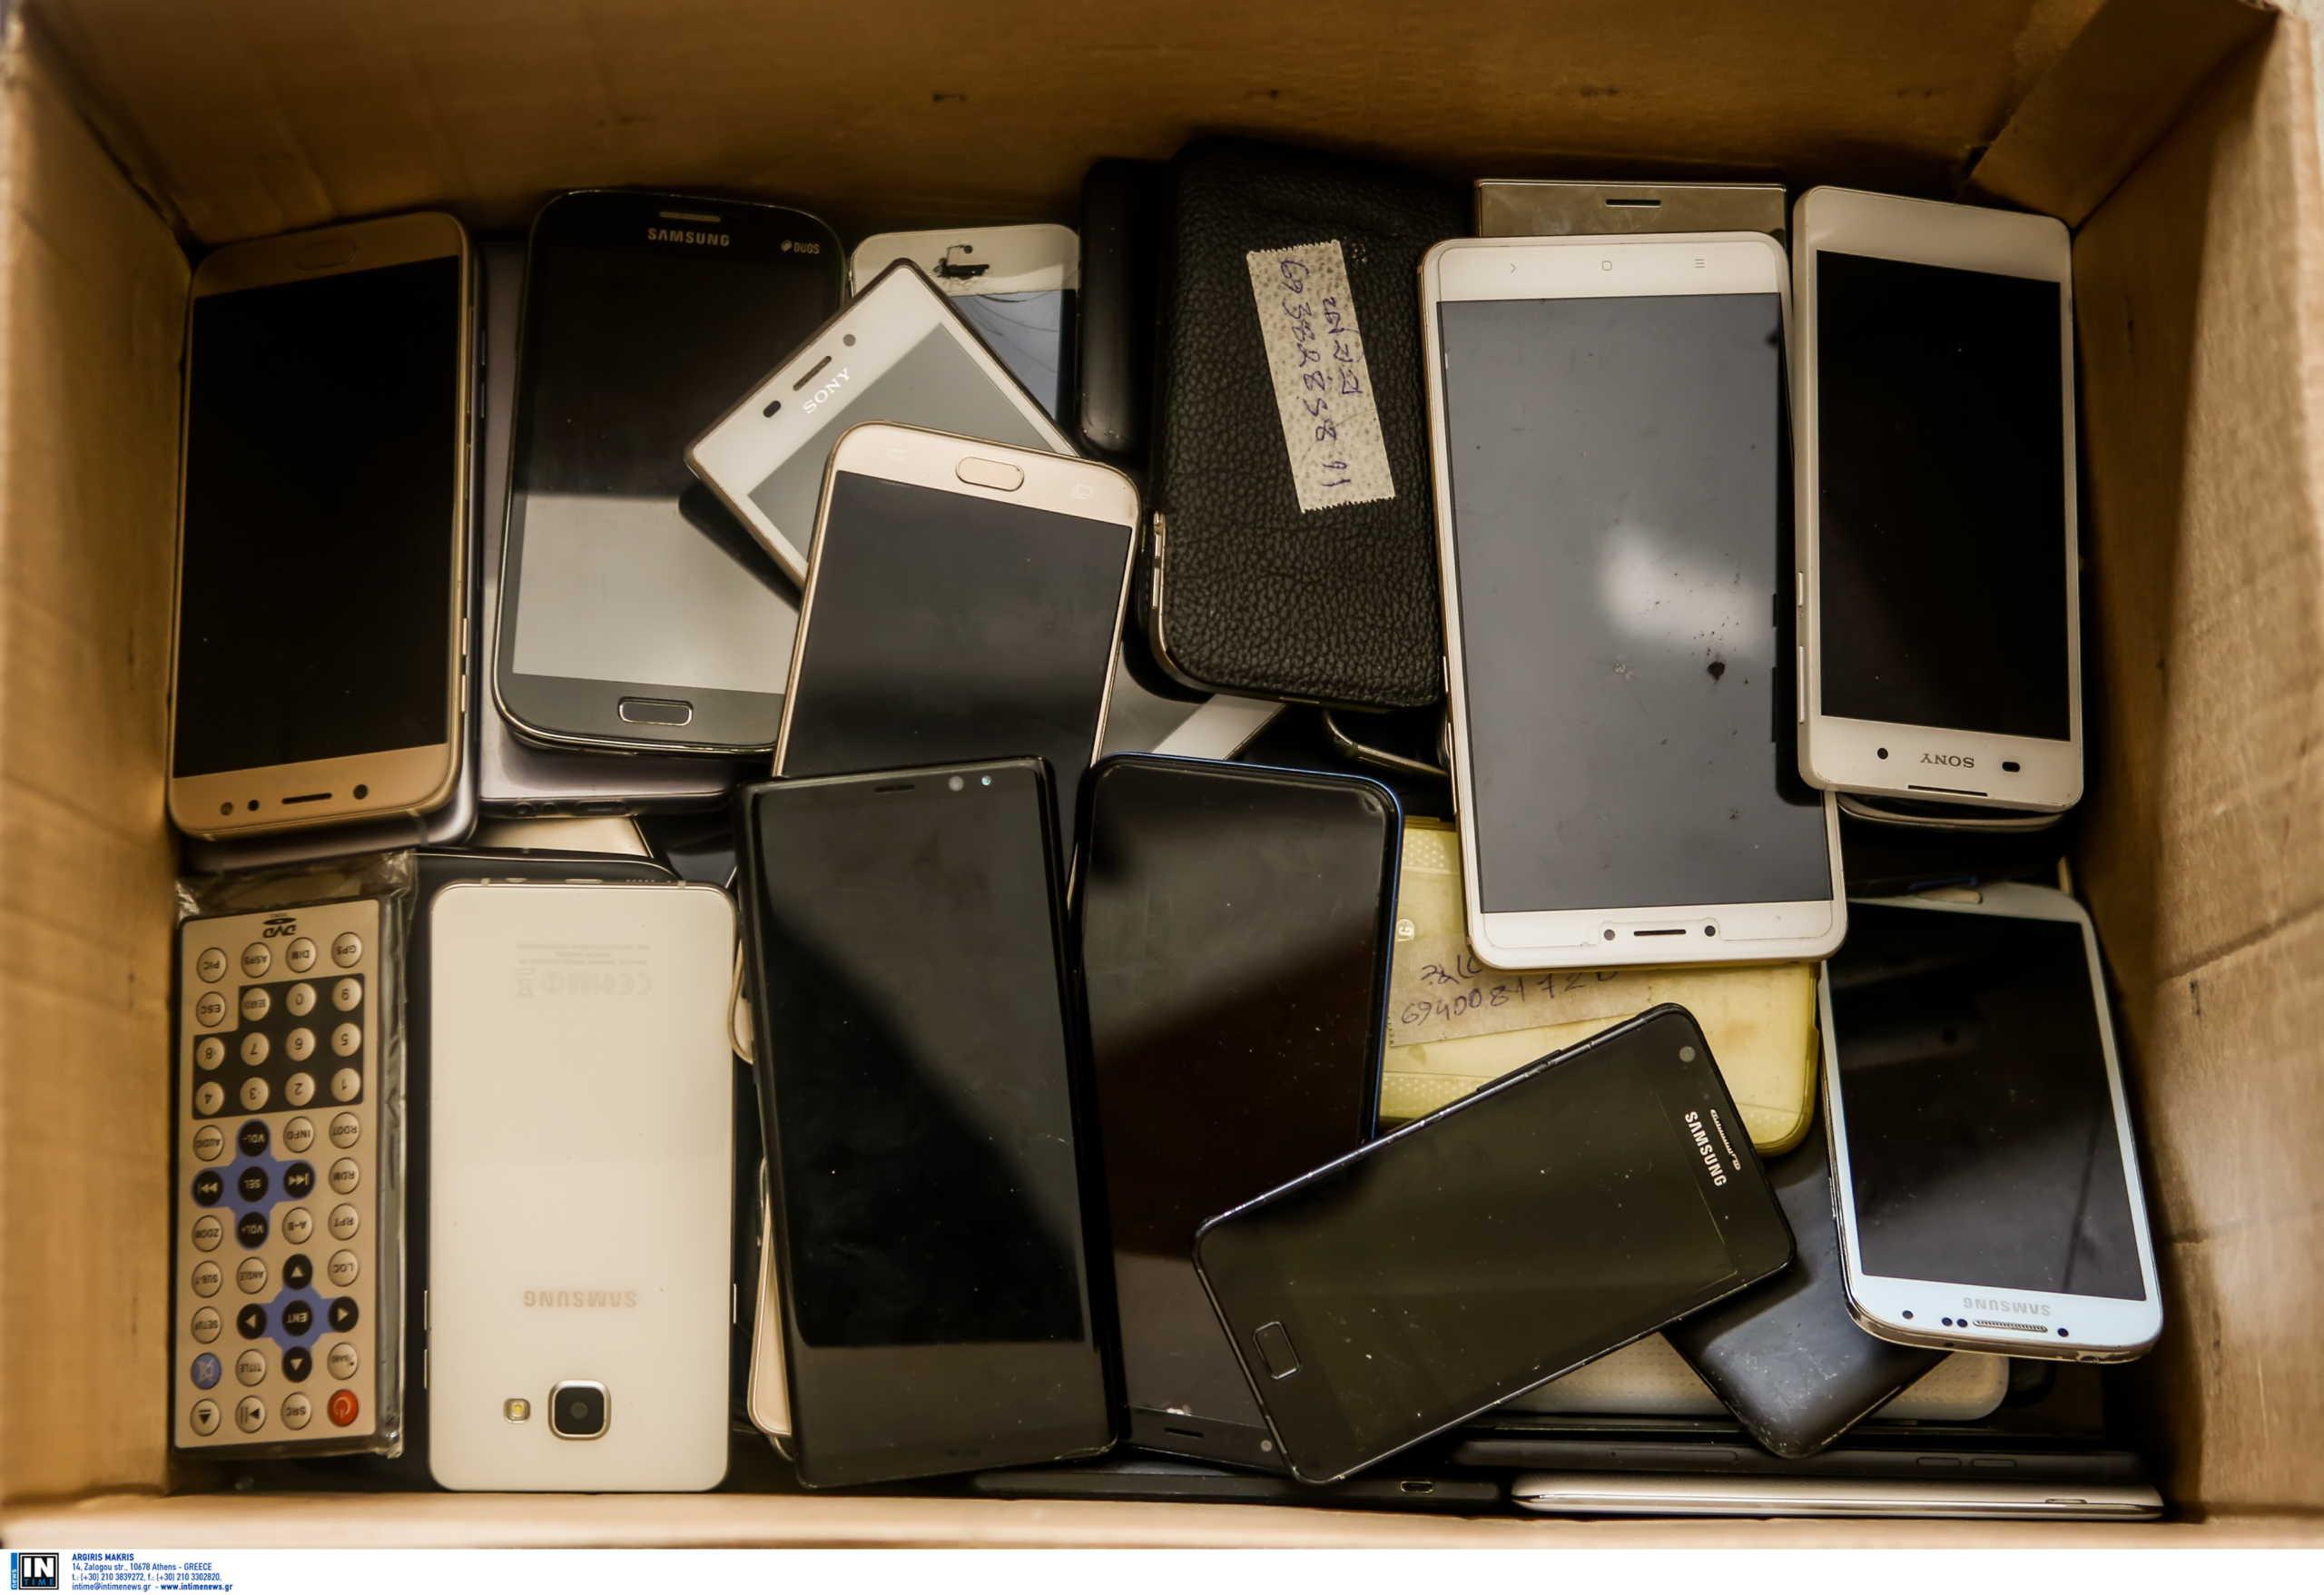 Συναγερμός για ιντερνετική απάτη με ανύπαρκτα κινητά και τάμπλετ!